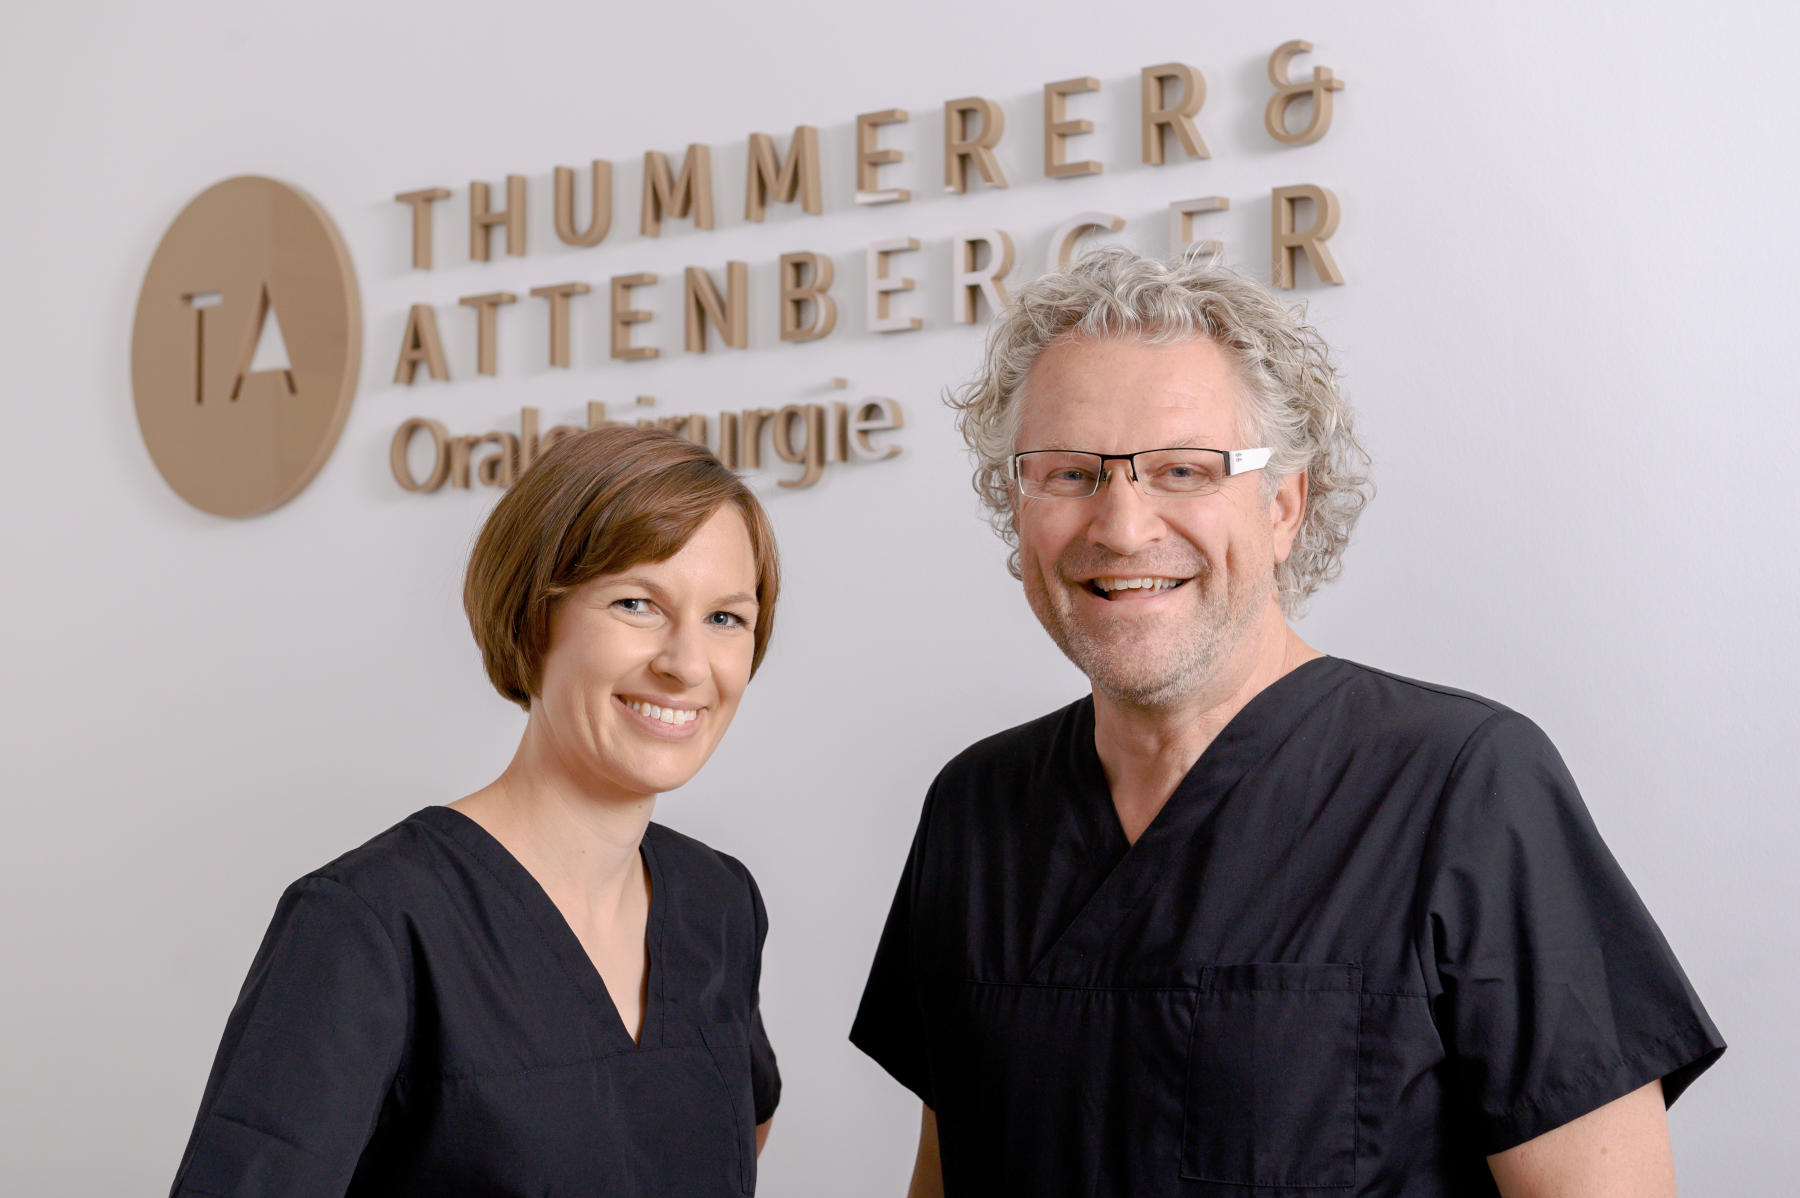 Attenberger Thummerer Oralchirurgie Freising